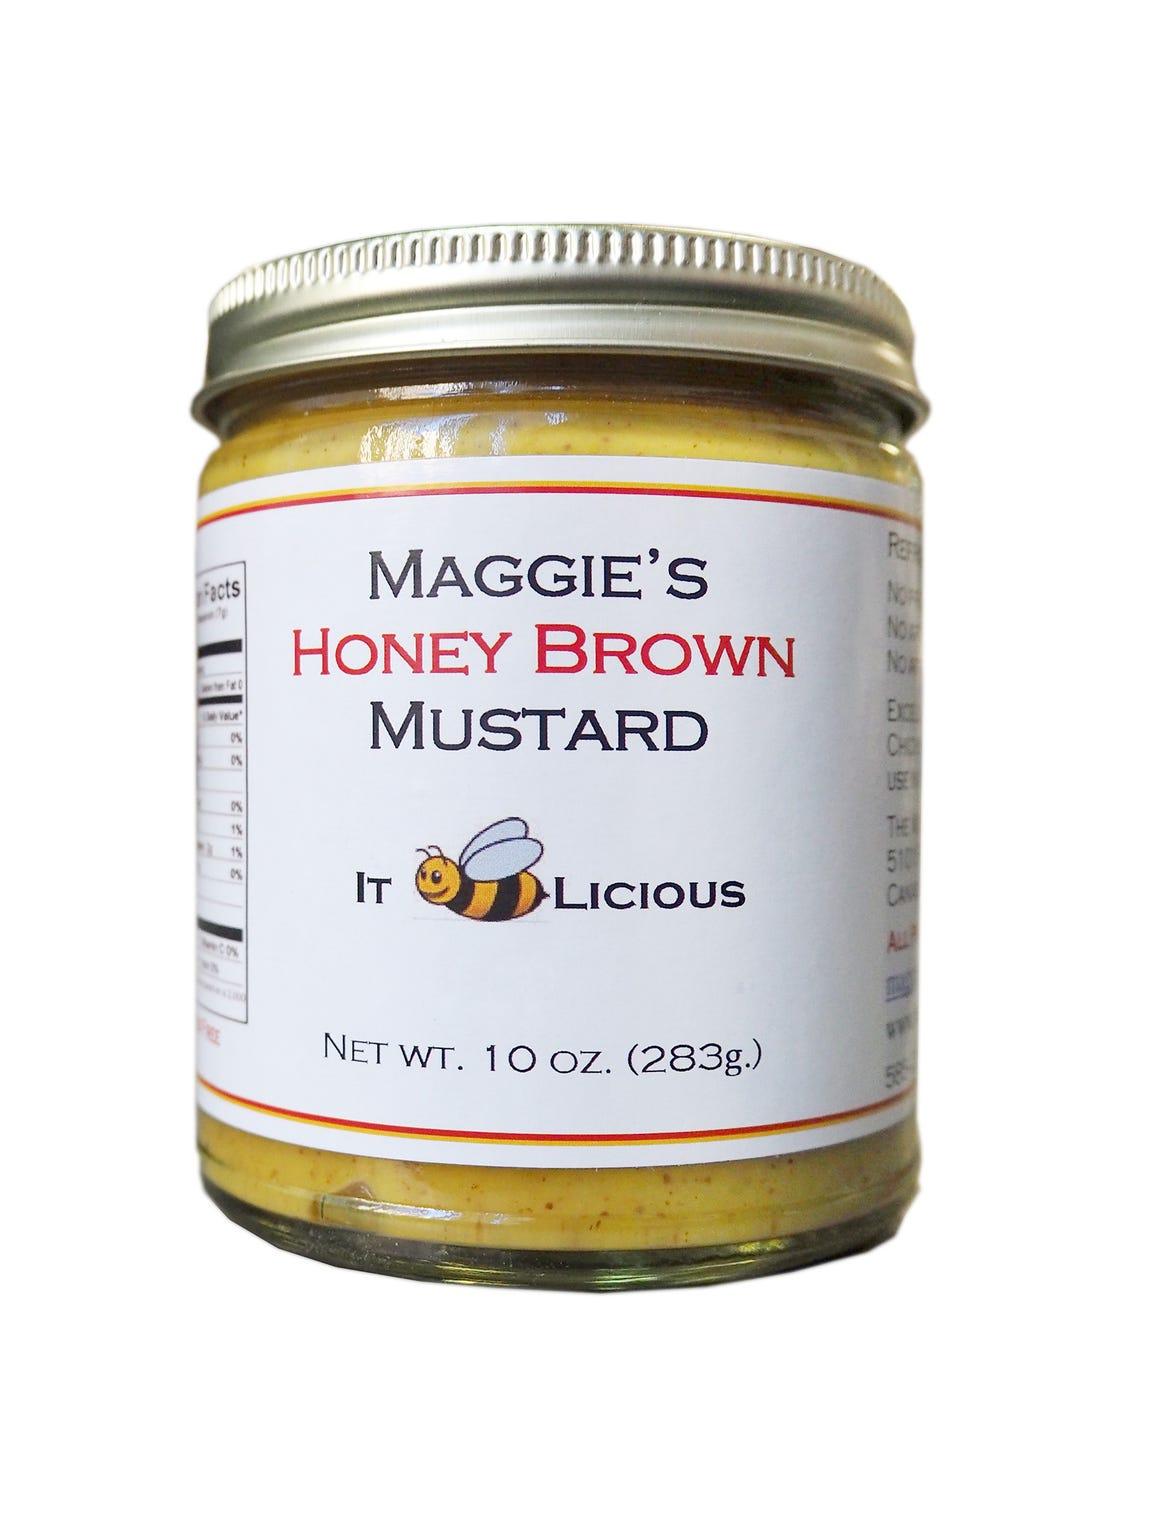 Maggie's Mustard